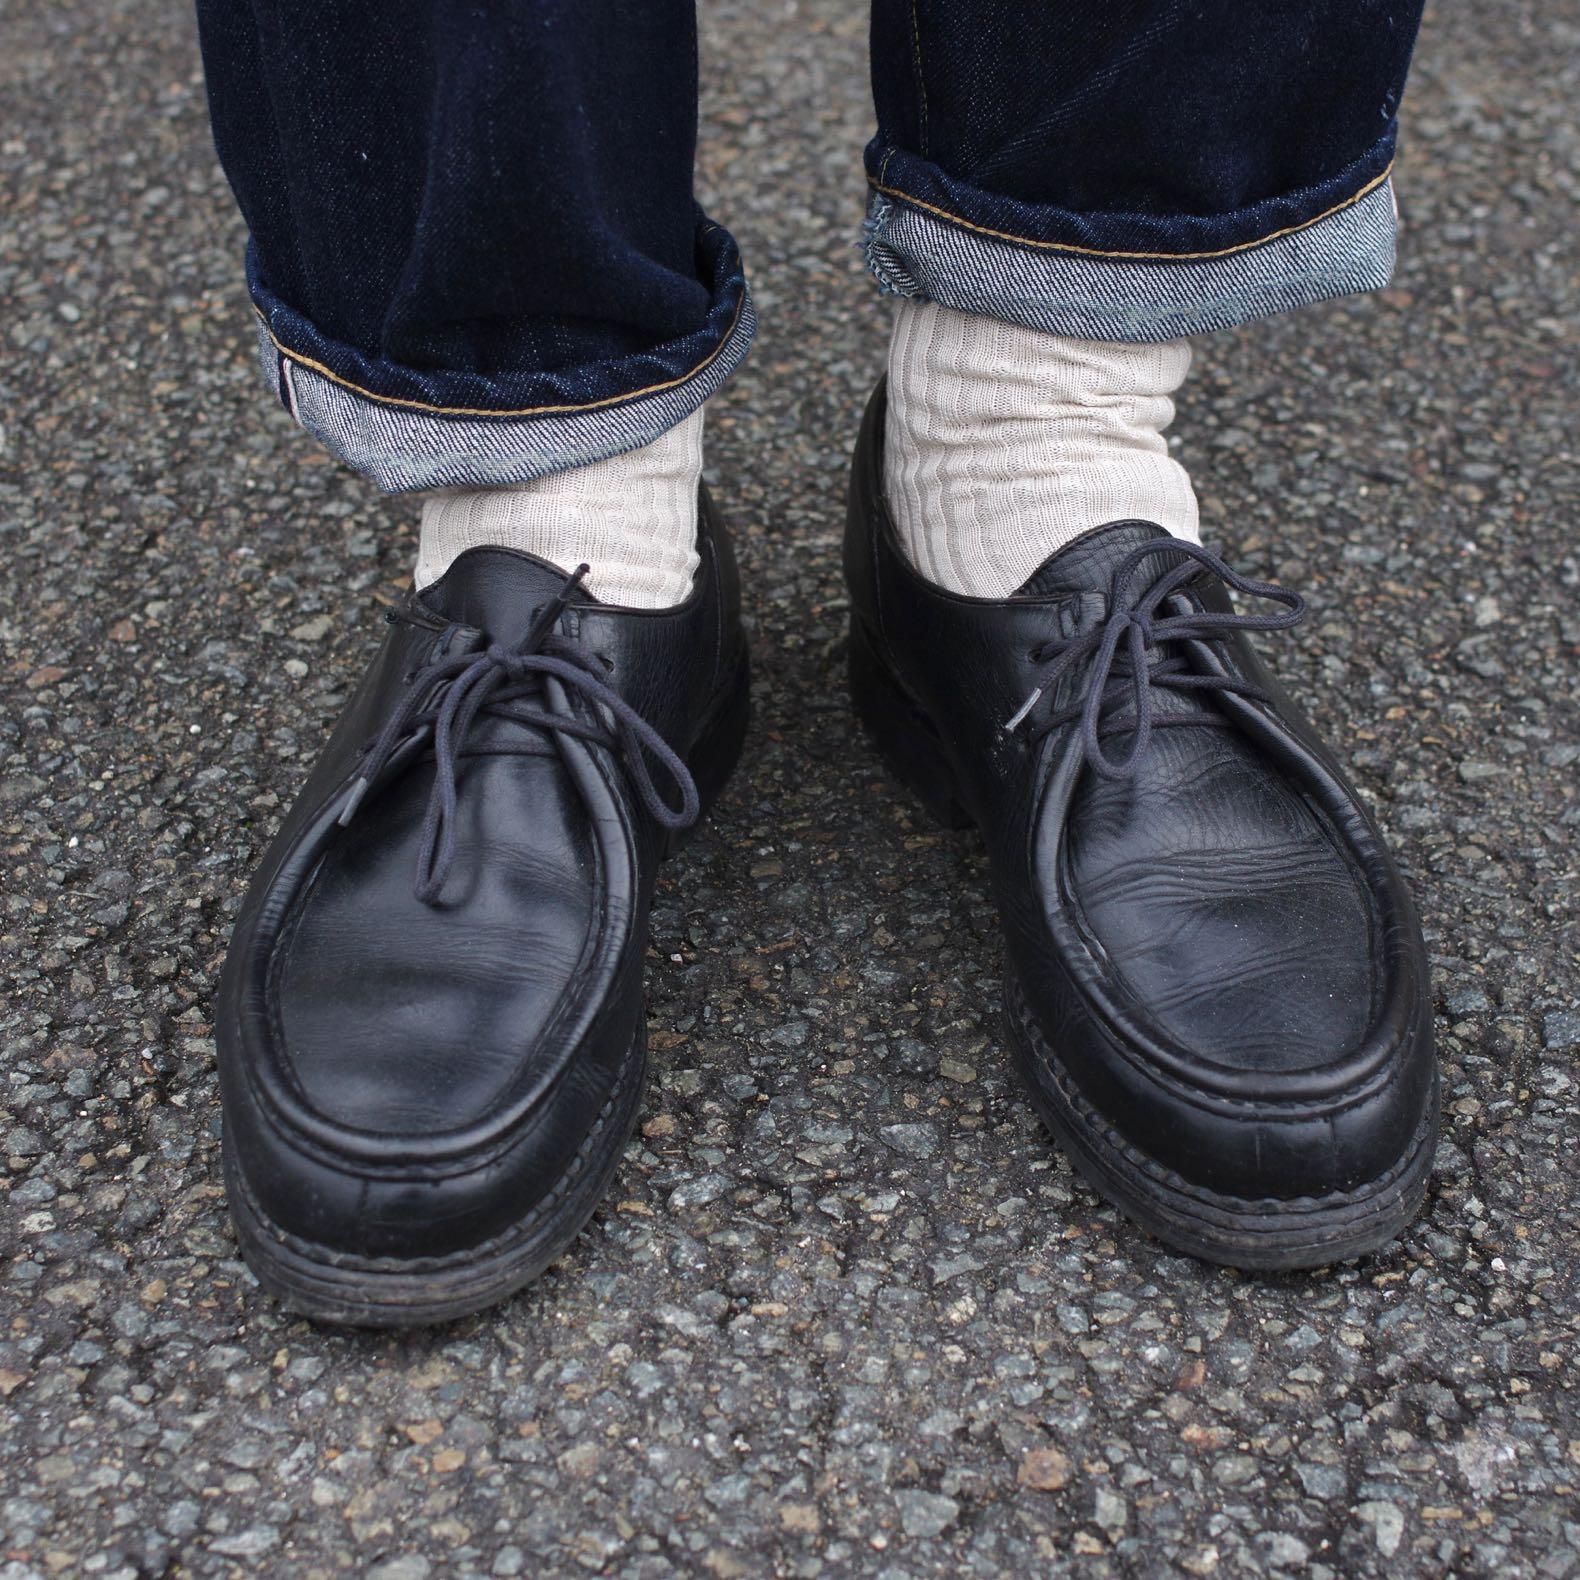 paire de paraboot michael noire avec des chaussettes monoprix beige